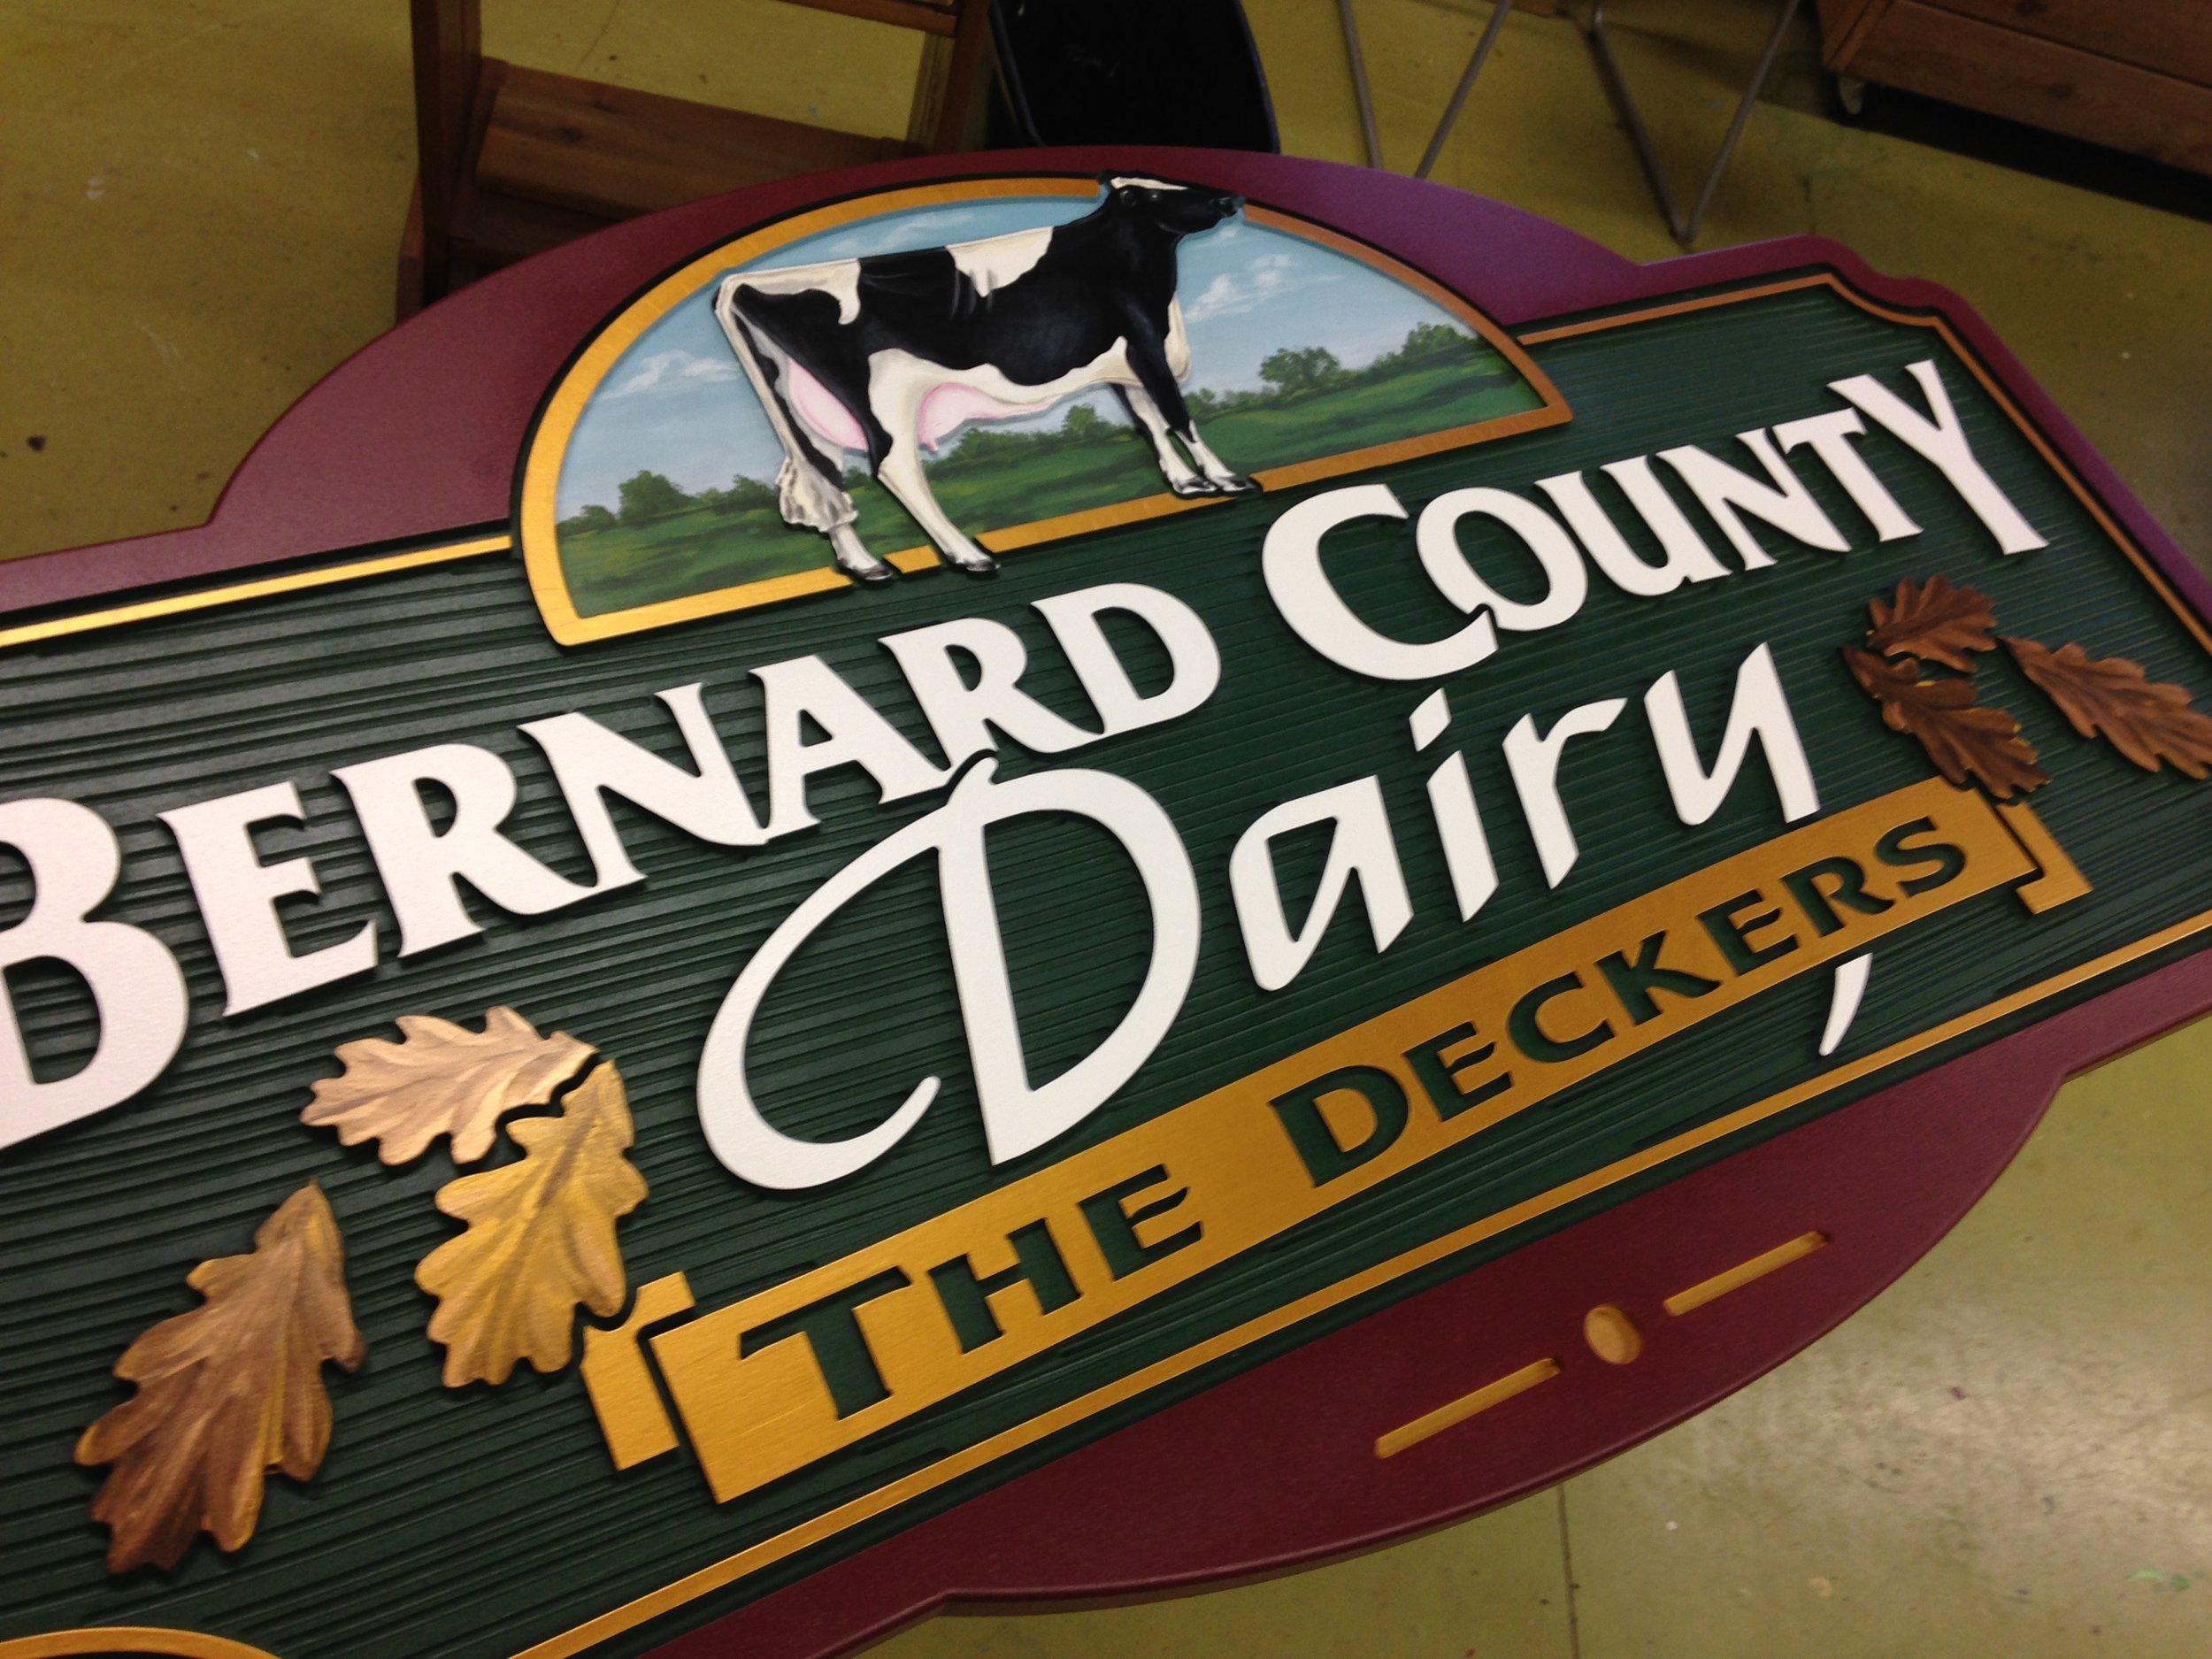 farm_bernard_county.jpg